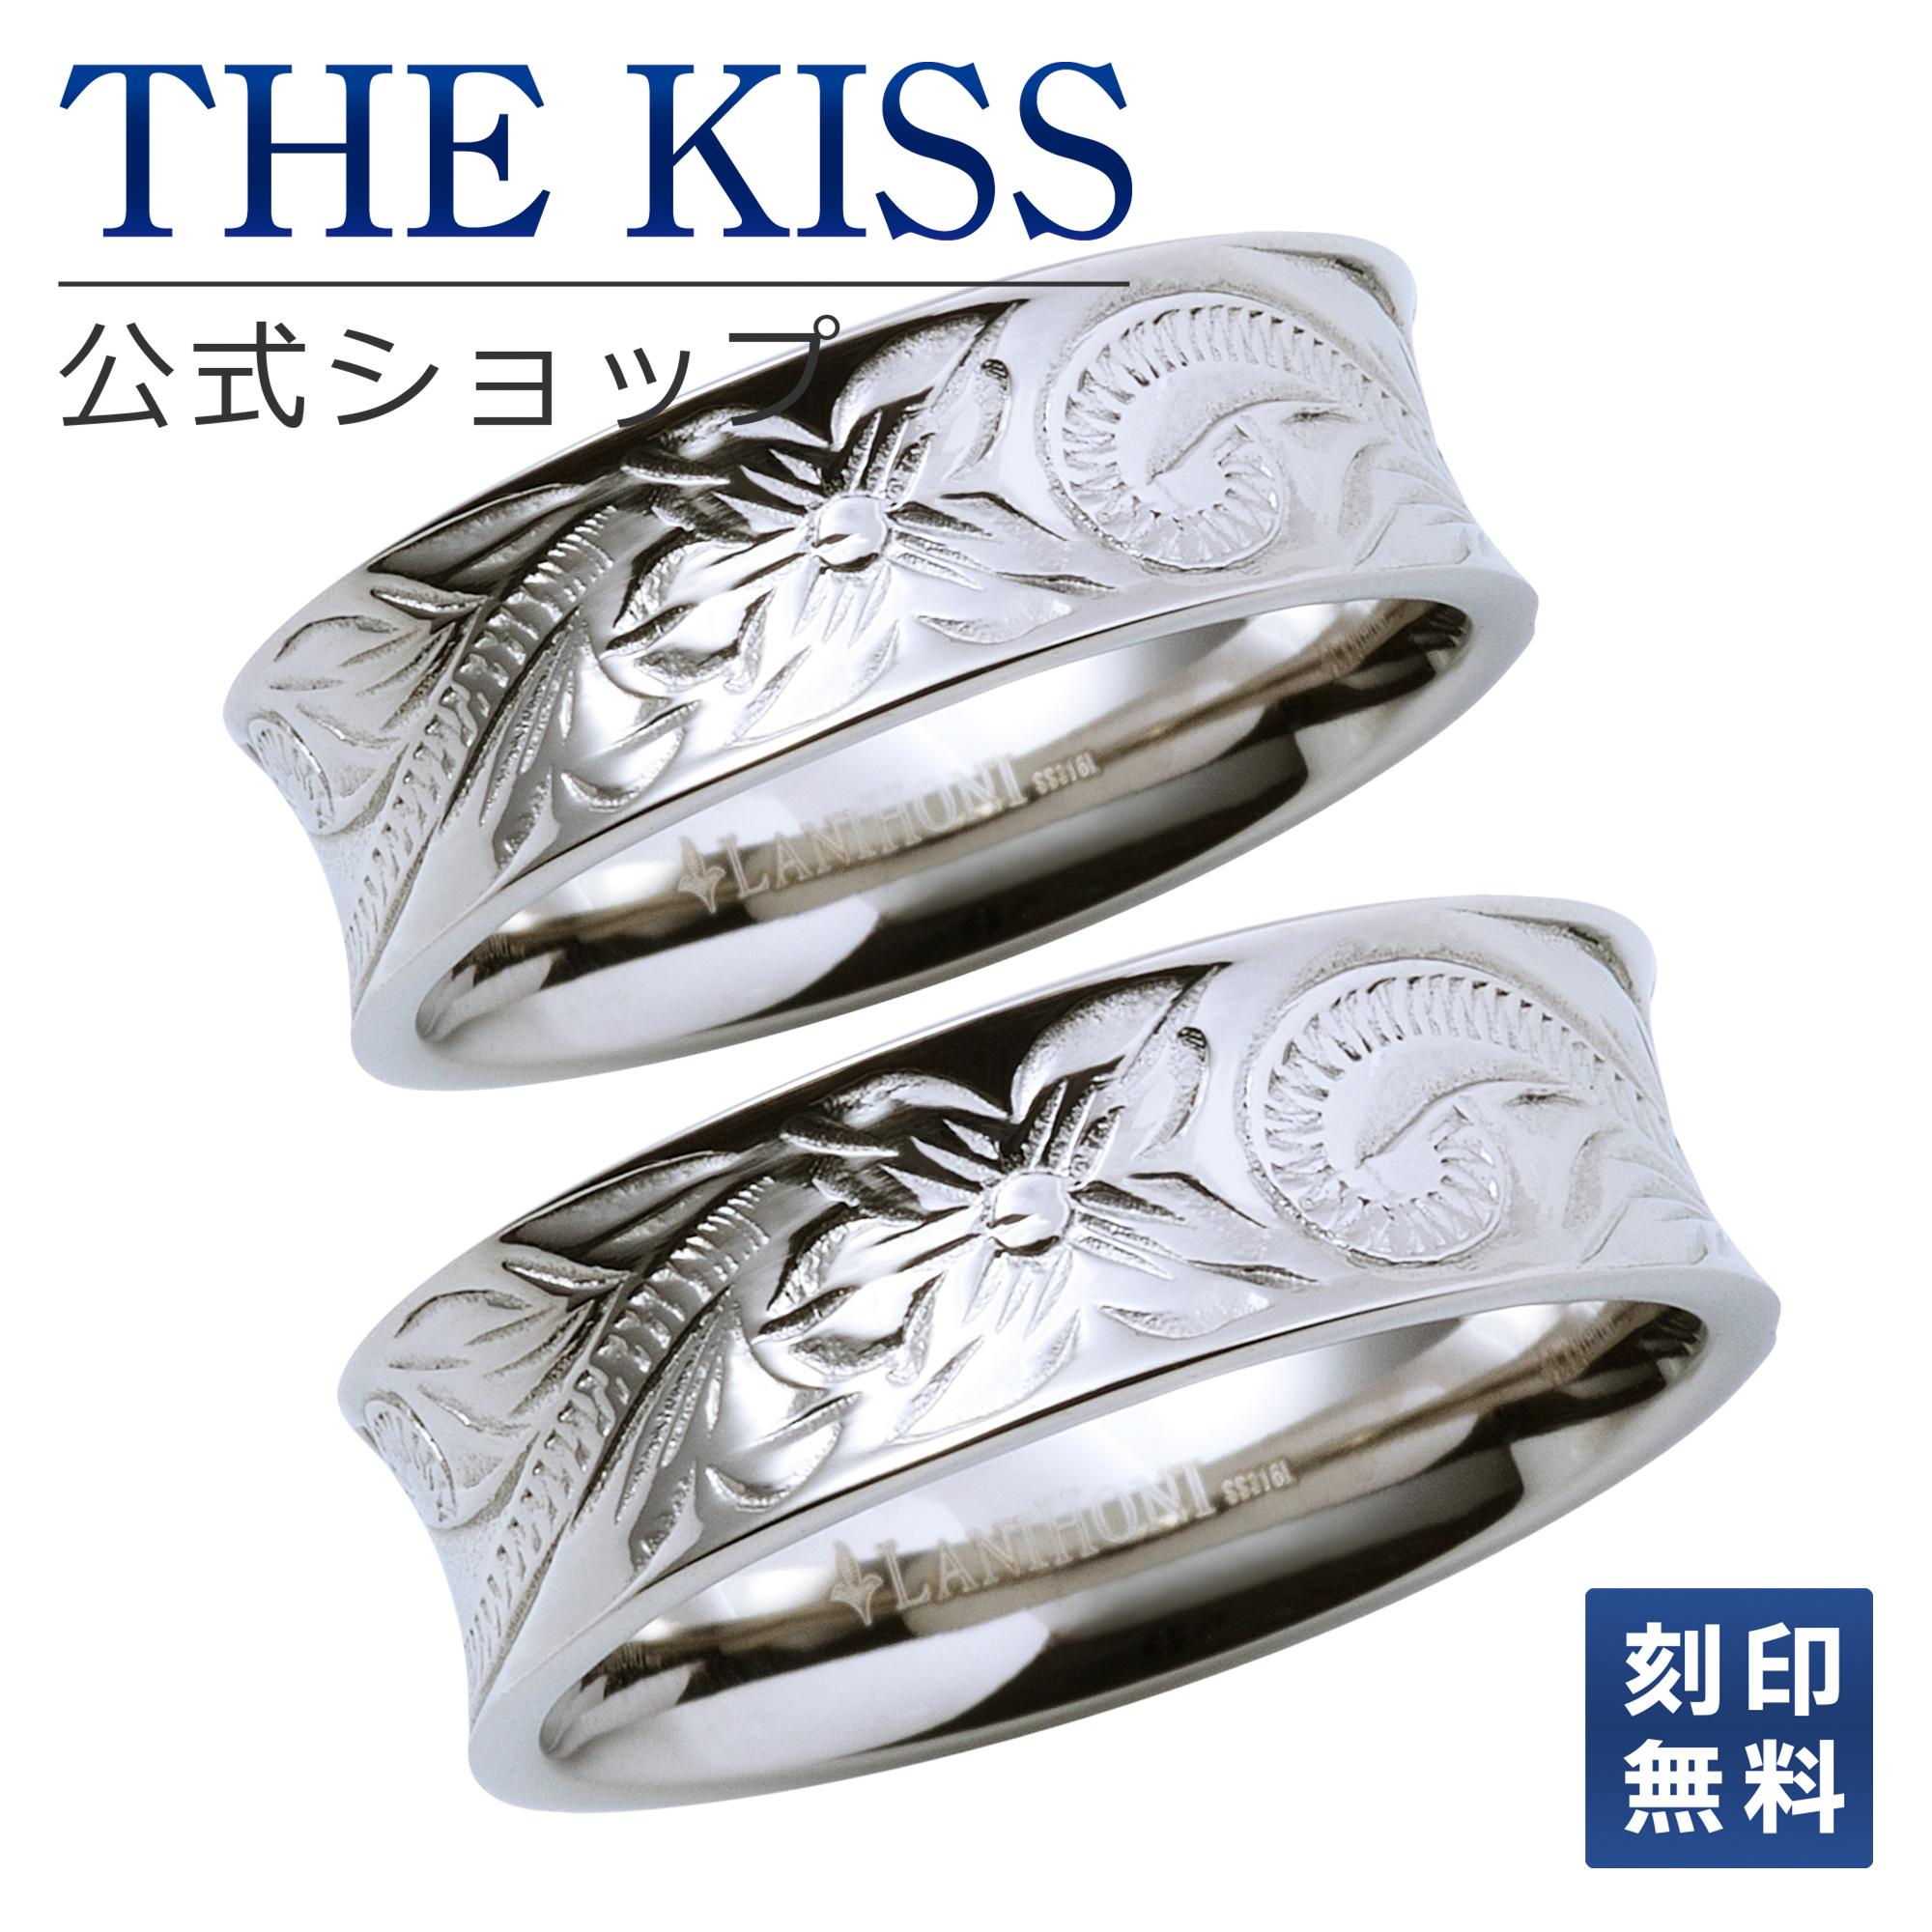 【刻印可_10文字】【あす楽対応】THE KISS 公式サイト ステンレス ハワイアン ペアリング ペアアクセサリー カップル に 人気 の ジュエリーブランド THEKISS ペア リング・指輪 記念日 プレゼント L-R8009-P セット シンプル ザキス 【送料無料】